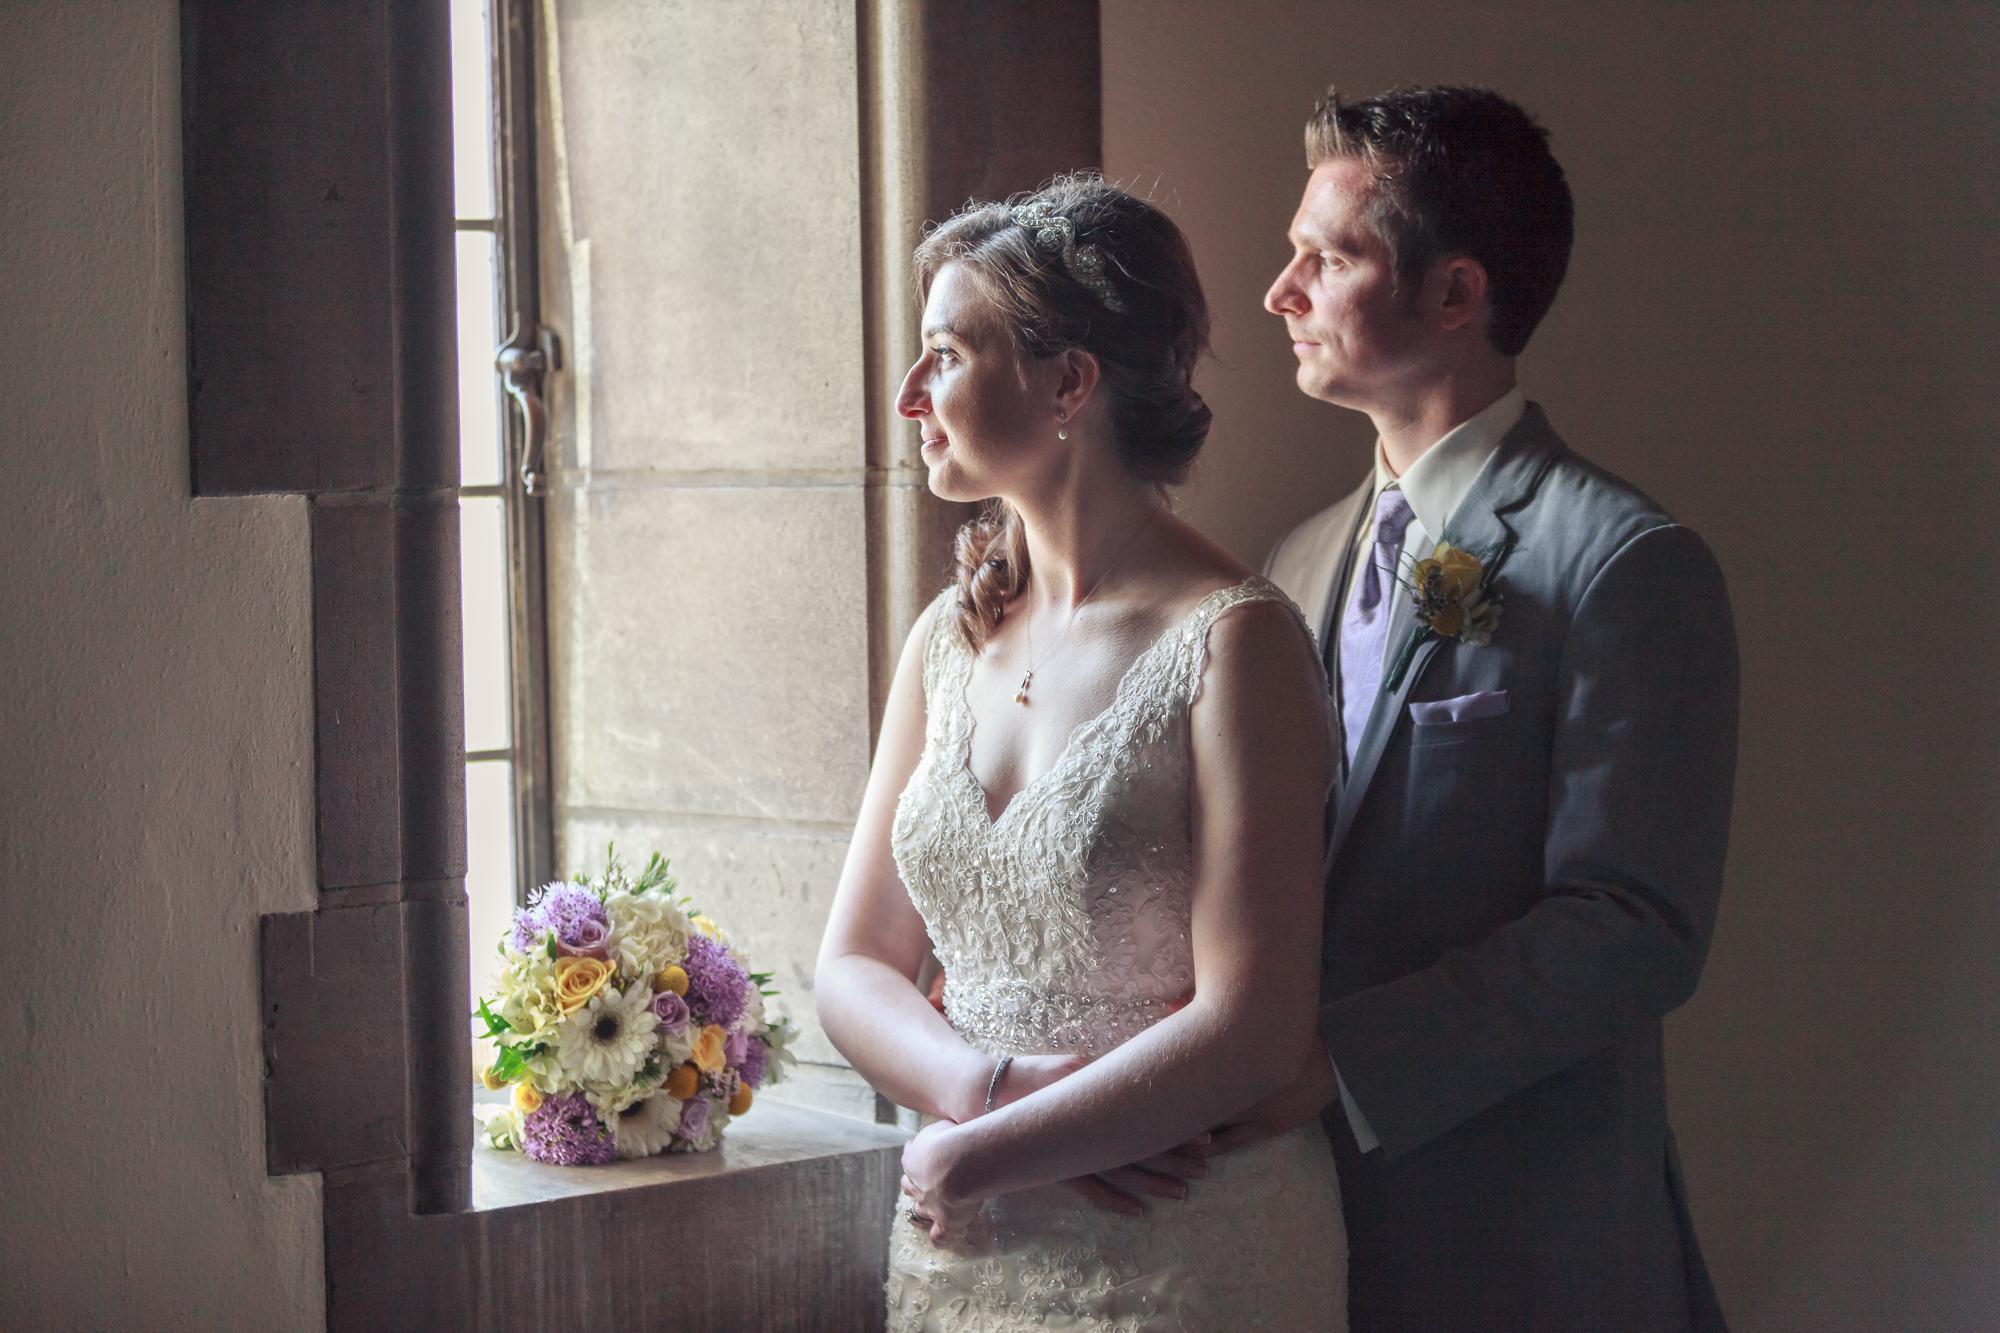 scranton-wedding-photography-zak-zavada-poconos--kellyGeoff-027.jpg